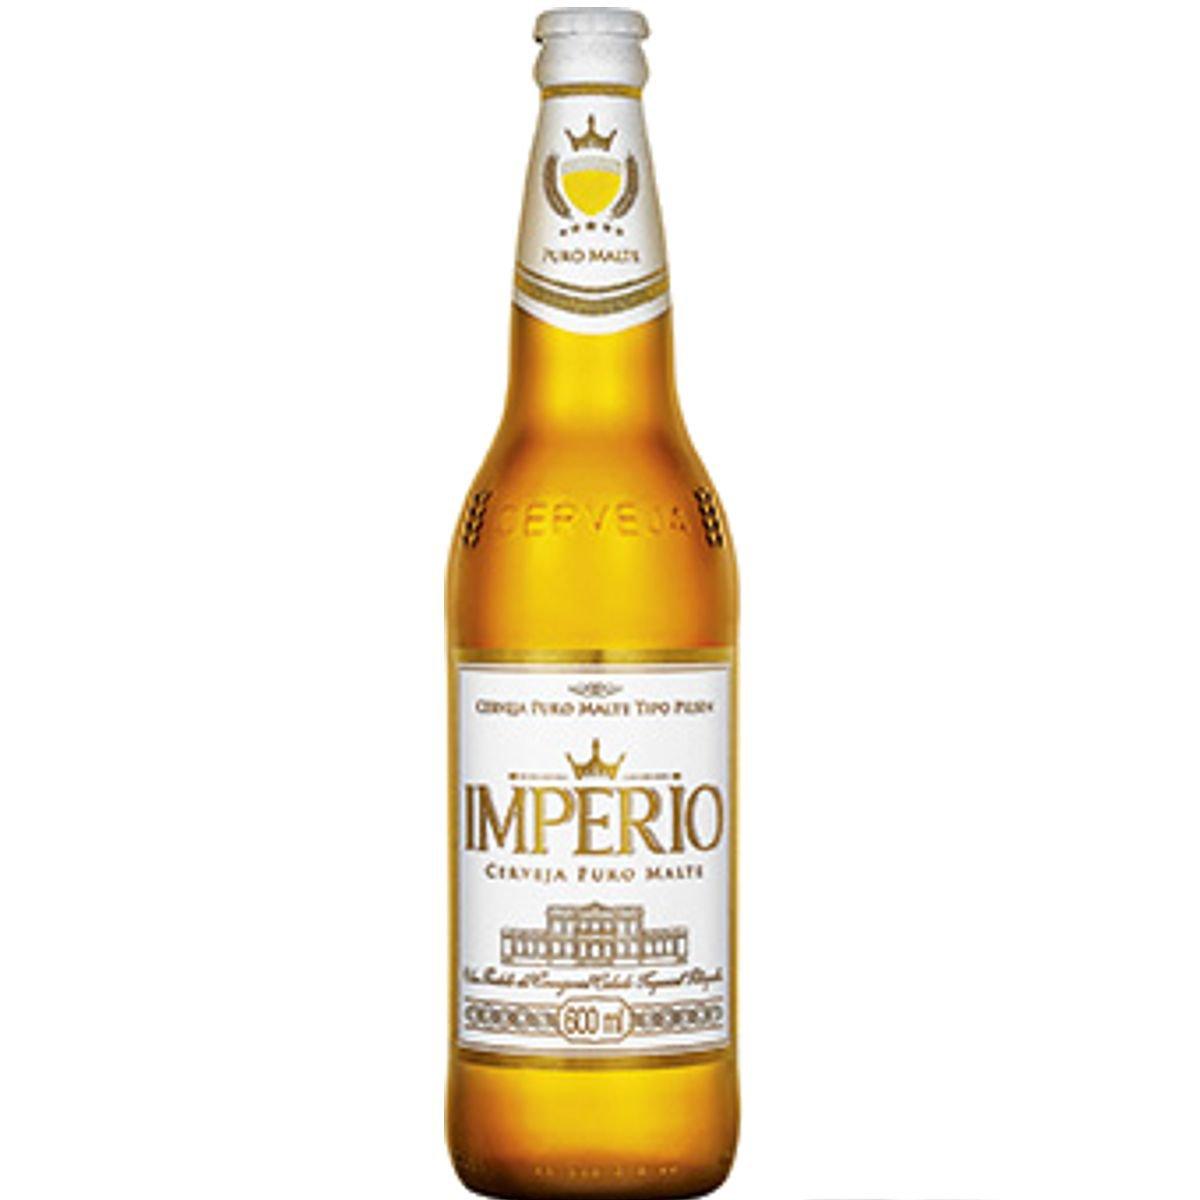 Conhecido Cerveja IMPÉRIO Puro Malte Garrafa 600ml MM05